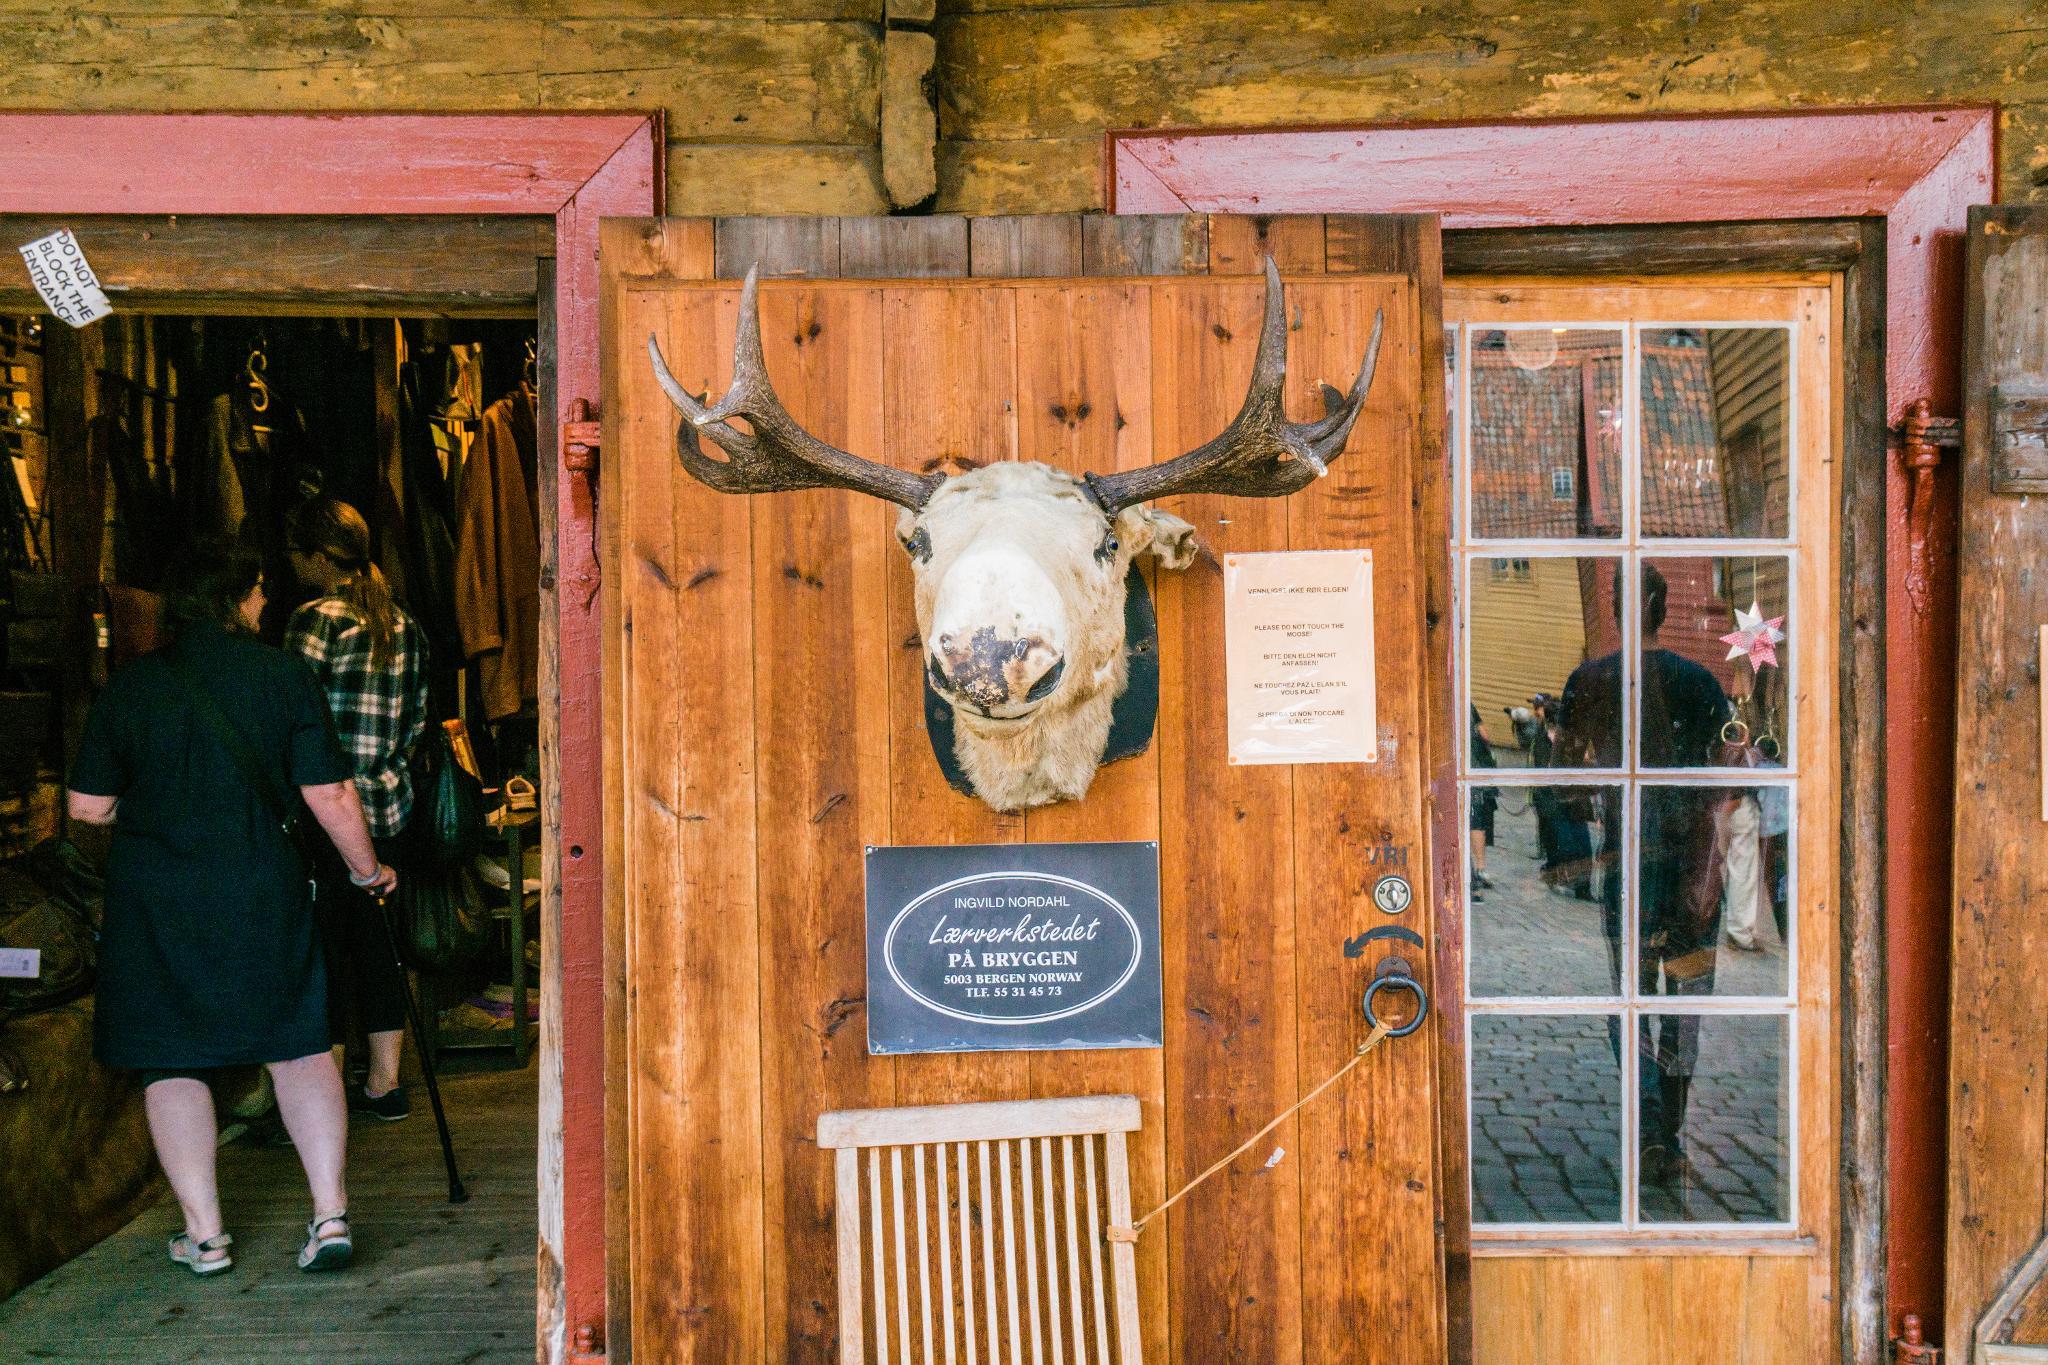 【卑爾根】Bryggen 世界遺產布呂根 — 迷失在百年歷史的挪威彩色木屋 27